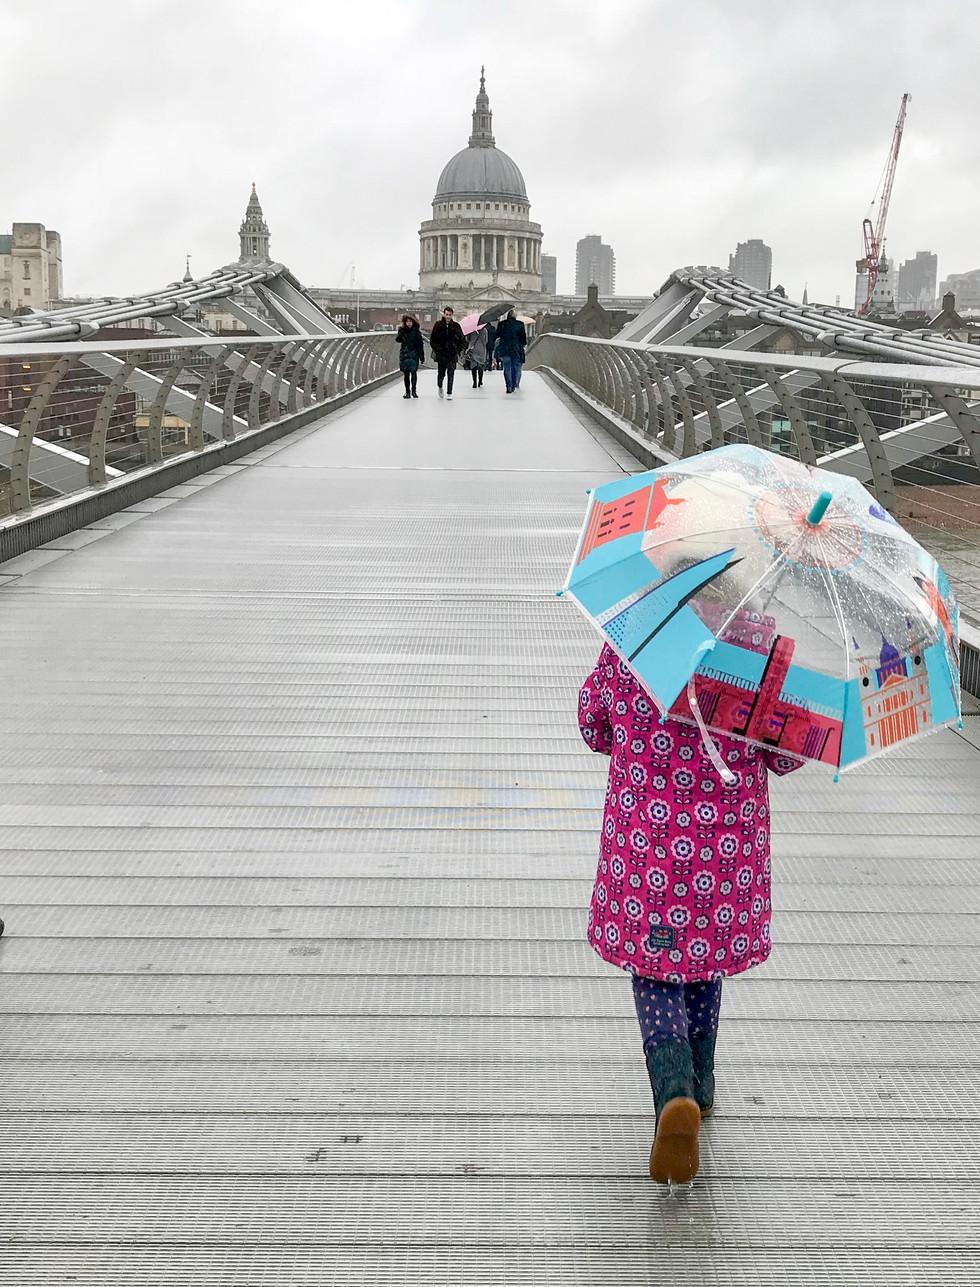 Millennium Bridge London and girl with umbrella